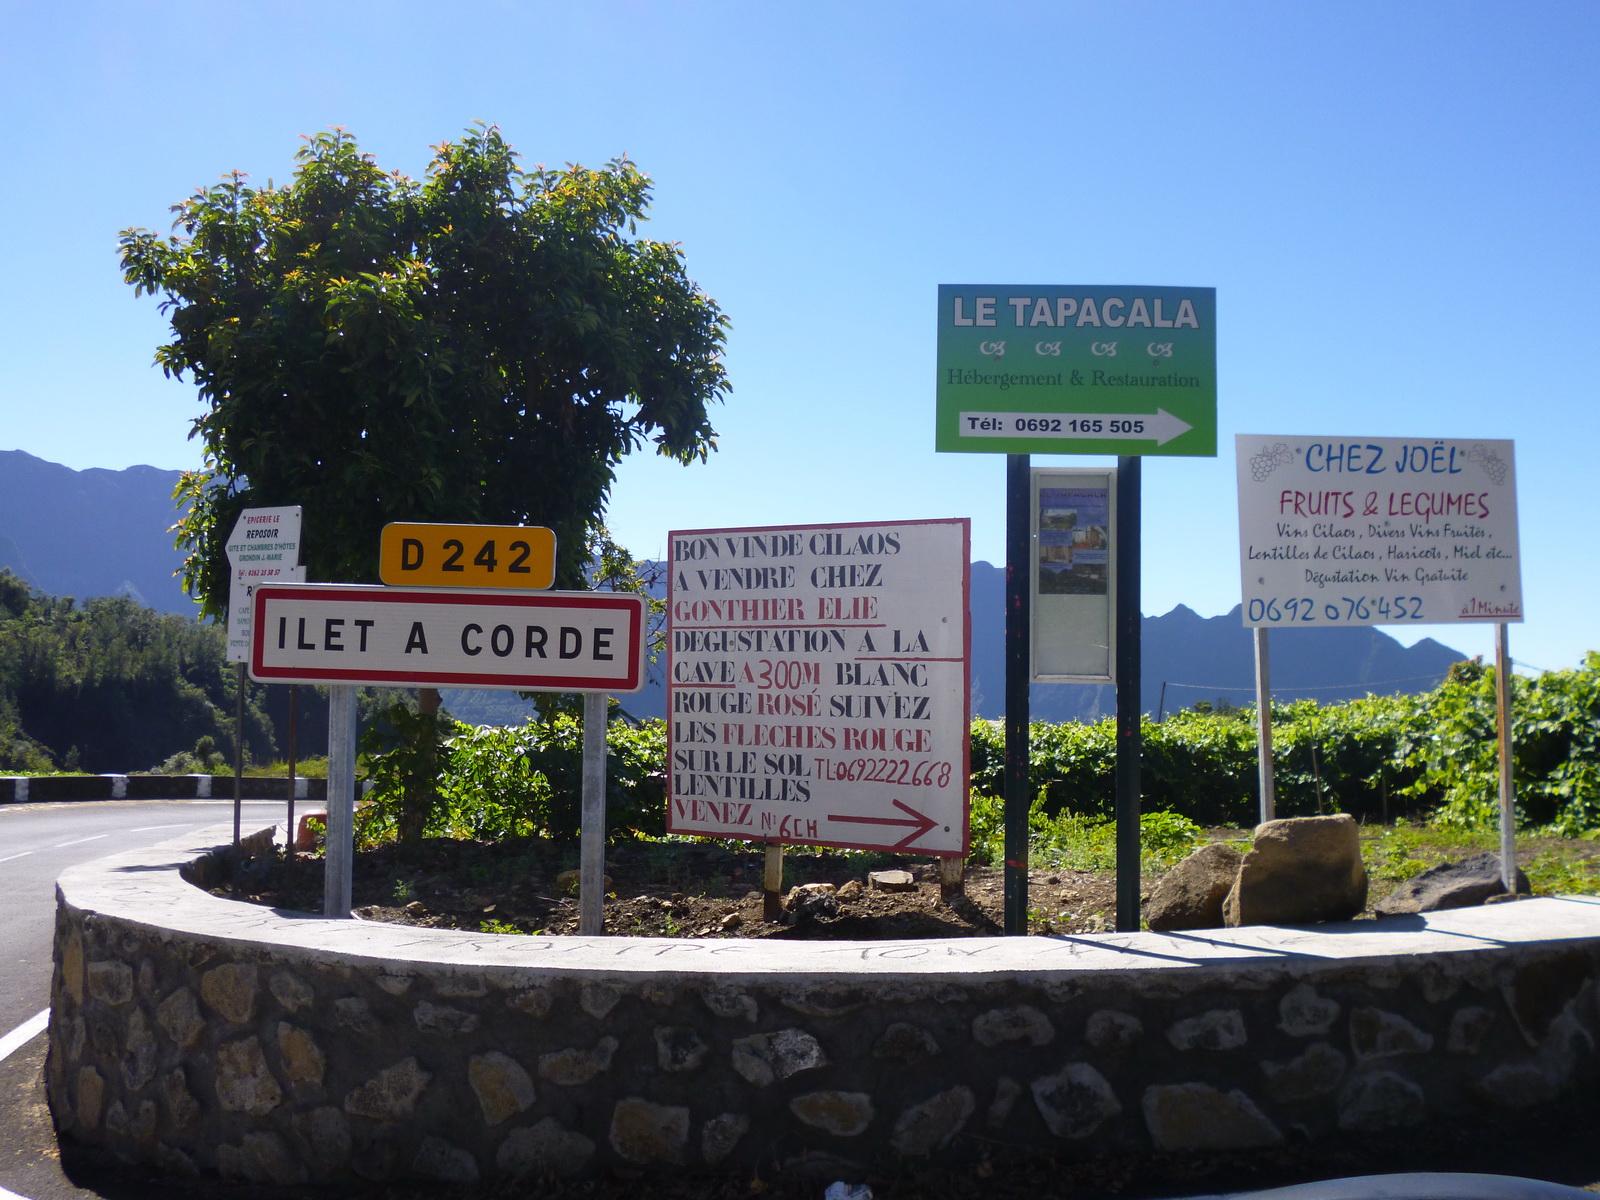 LA RÉUNION : la route de Cilaos, dite route aux 400 virages 880663iletacorde